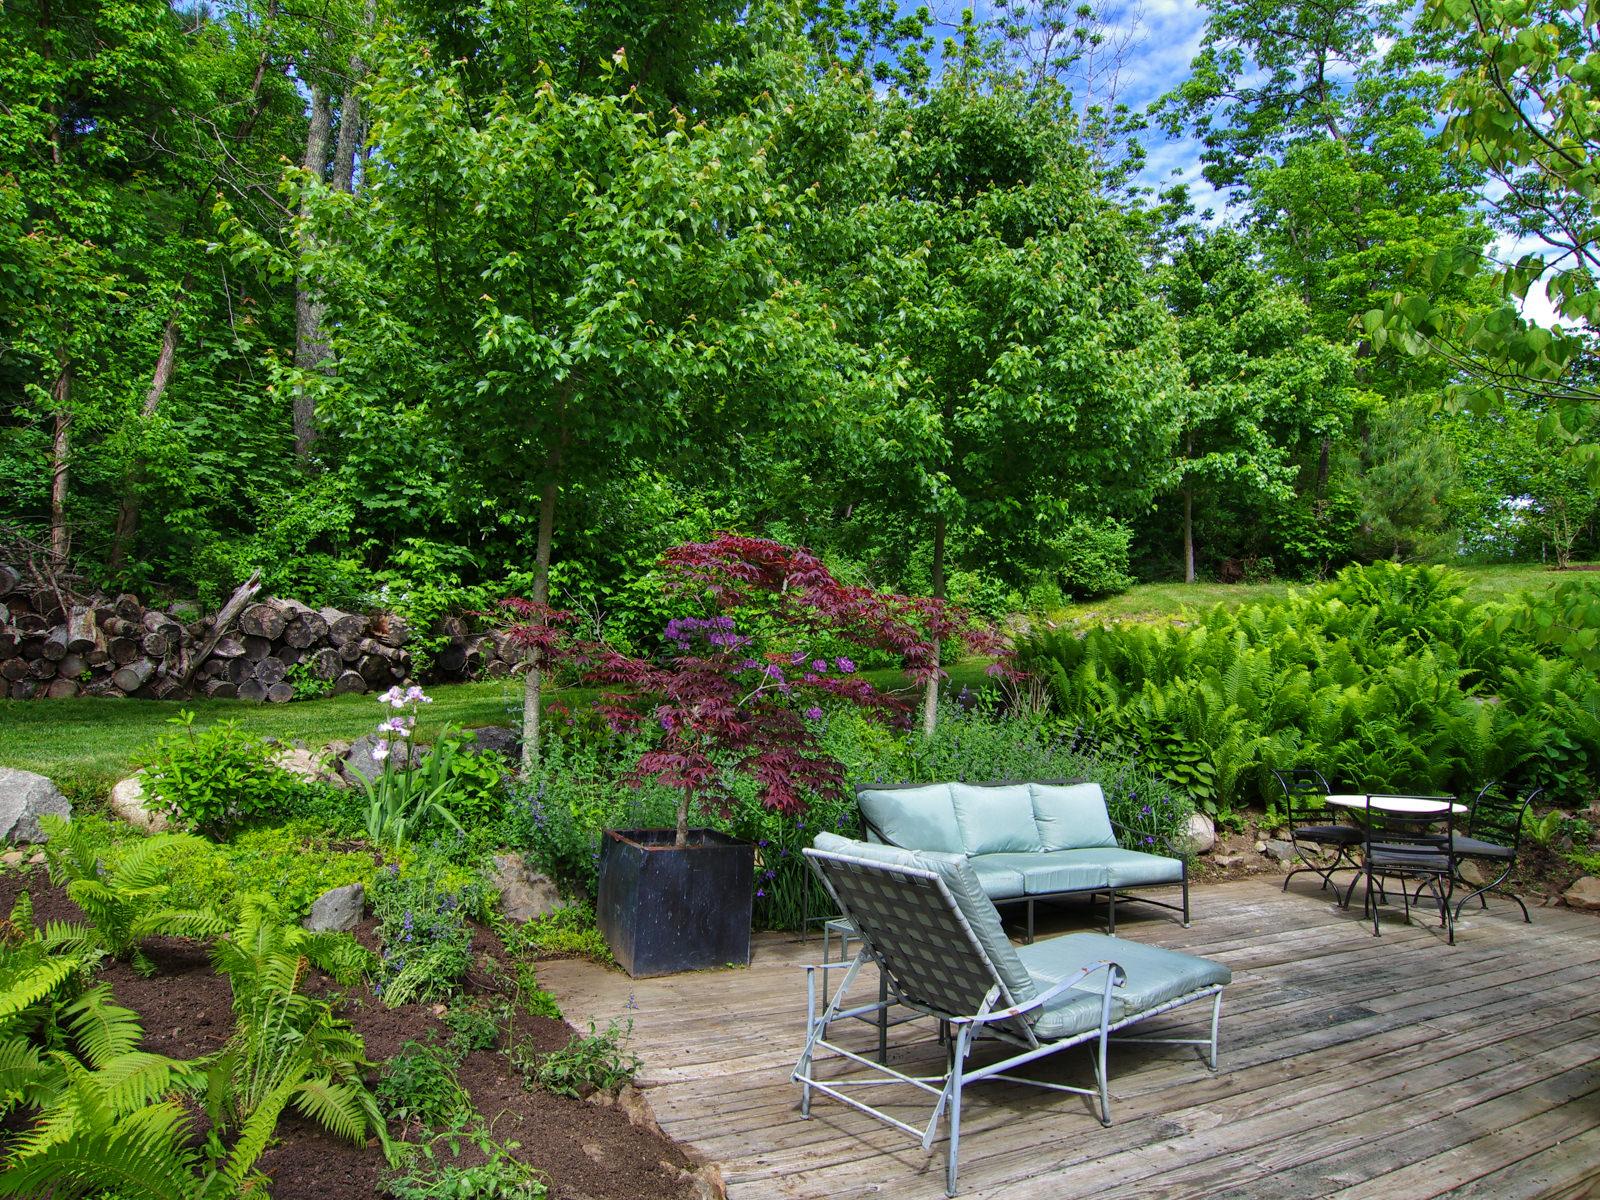 Maine Garden - New England Dream House